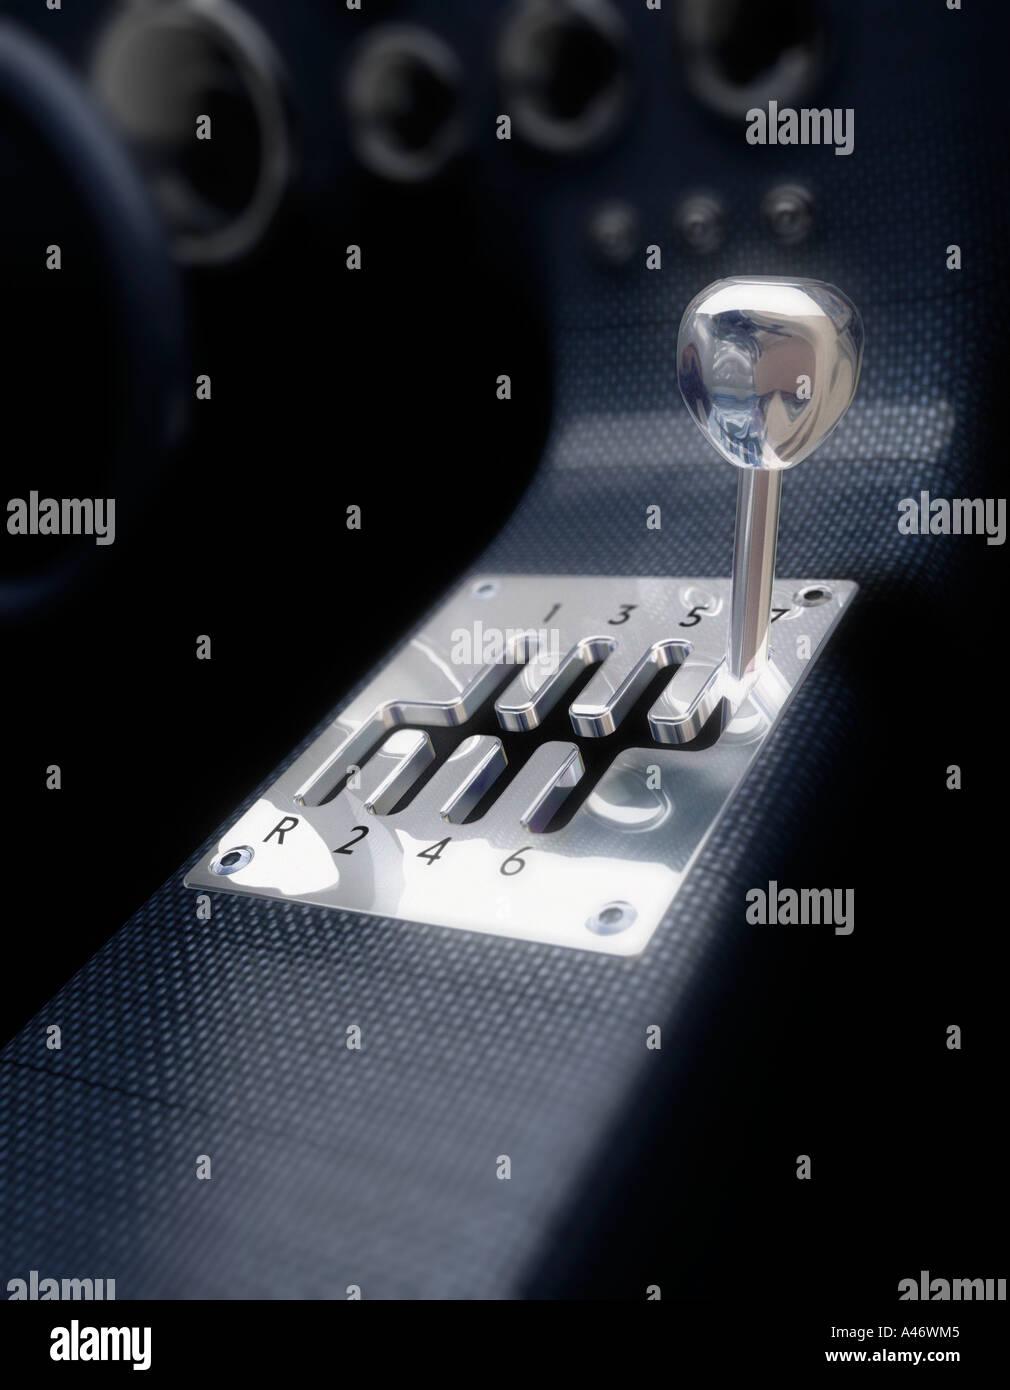 Un concepto de siete velocidades caja de engranajes Imagen De Stock